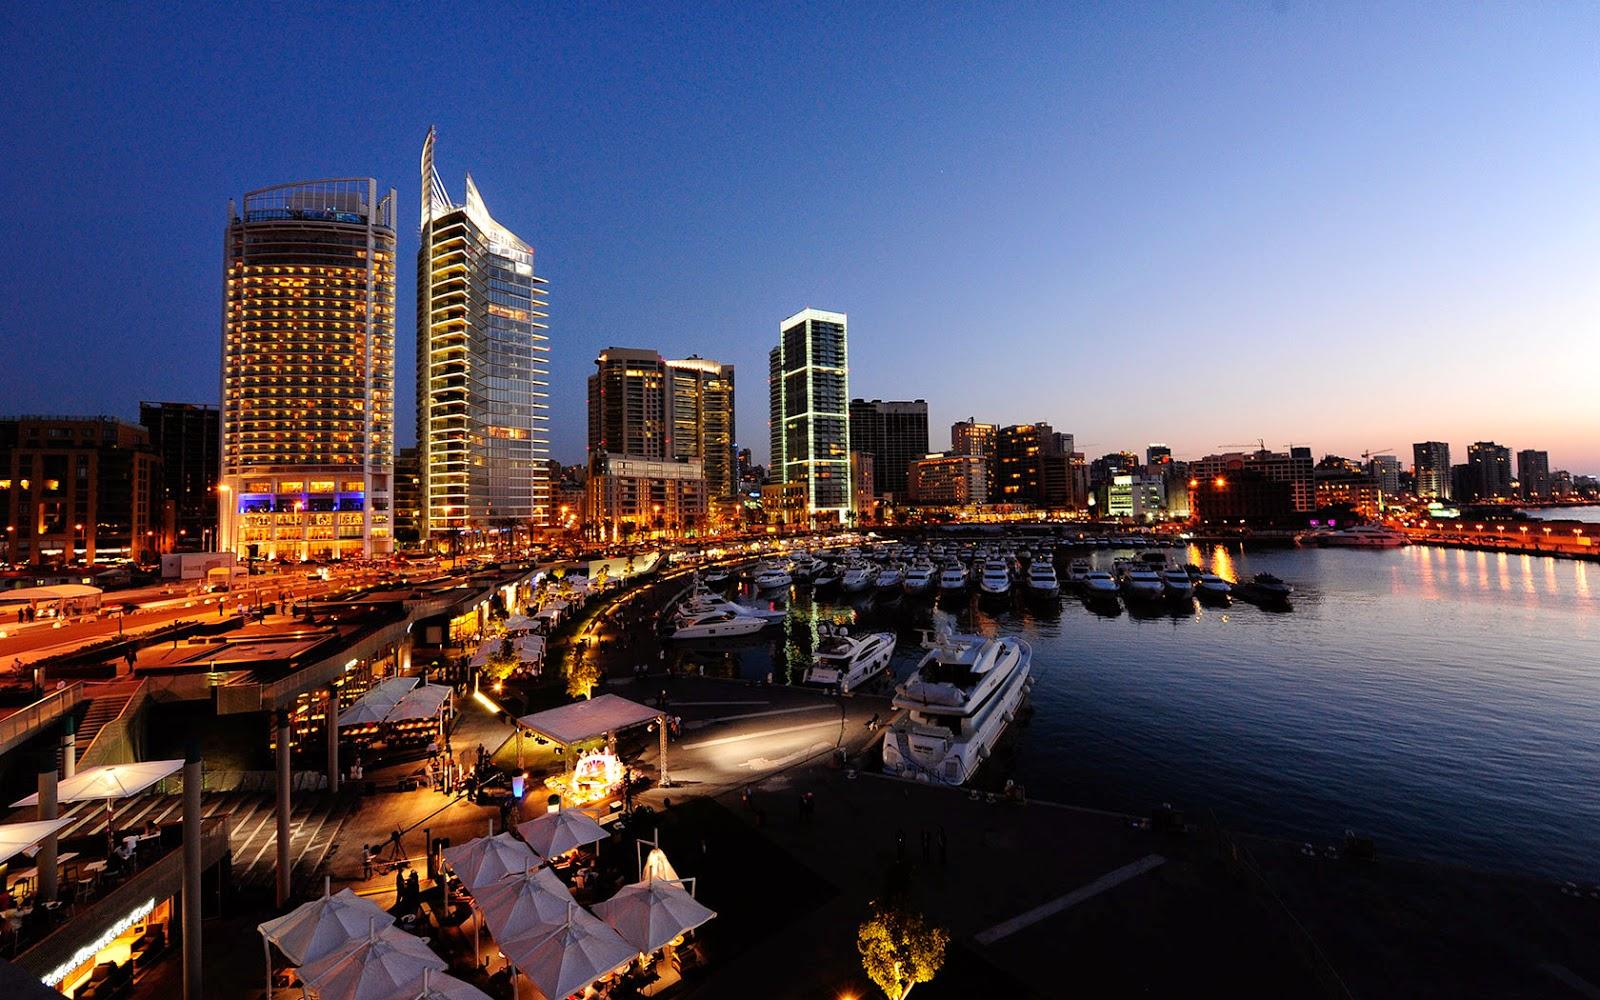 beyrut gece hayatı, en iyi nargile, yurtdışı seyahat, vizesiz seyahat, vizesiz gidilecek ülkeler, vizesiz tatil beyrut, lübnan